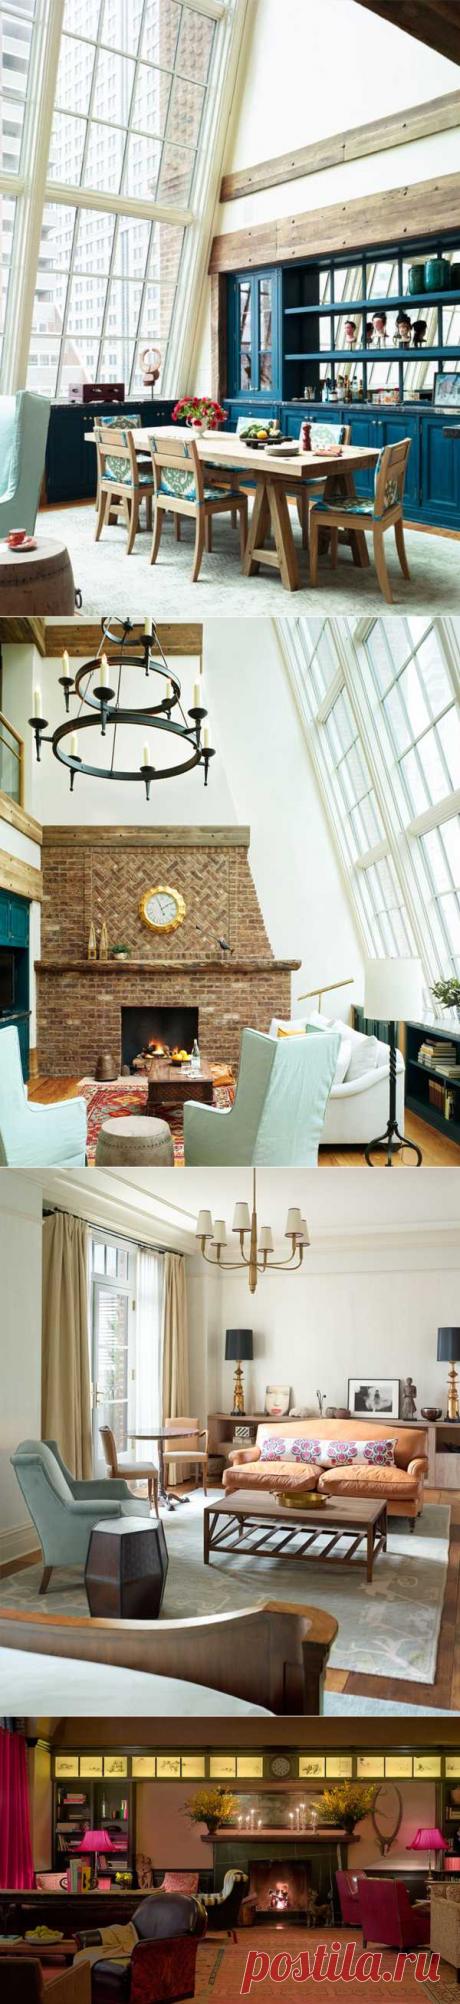 〚 Стильный отель в Нью-Йорке от Роберта Де Ниро 〛 ◾ Фото ◾Идеи◾ Дизайн